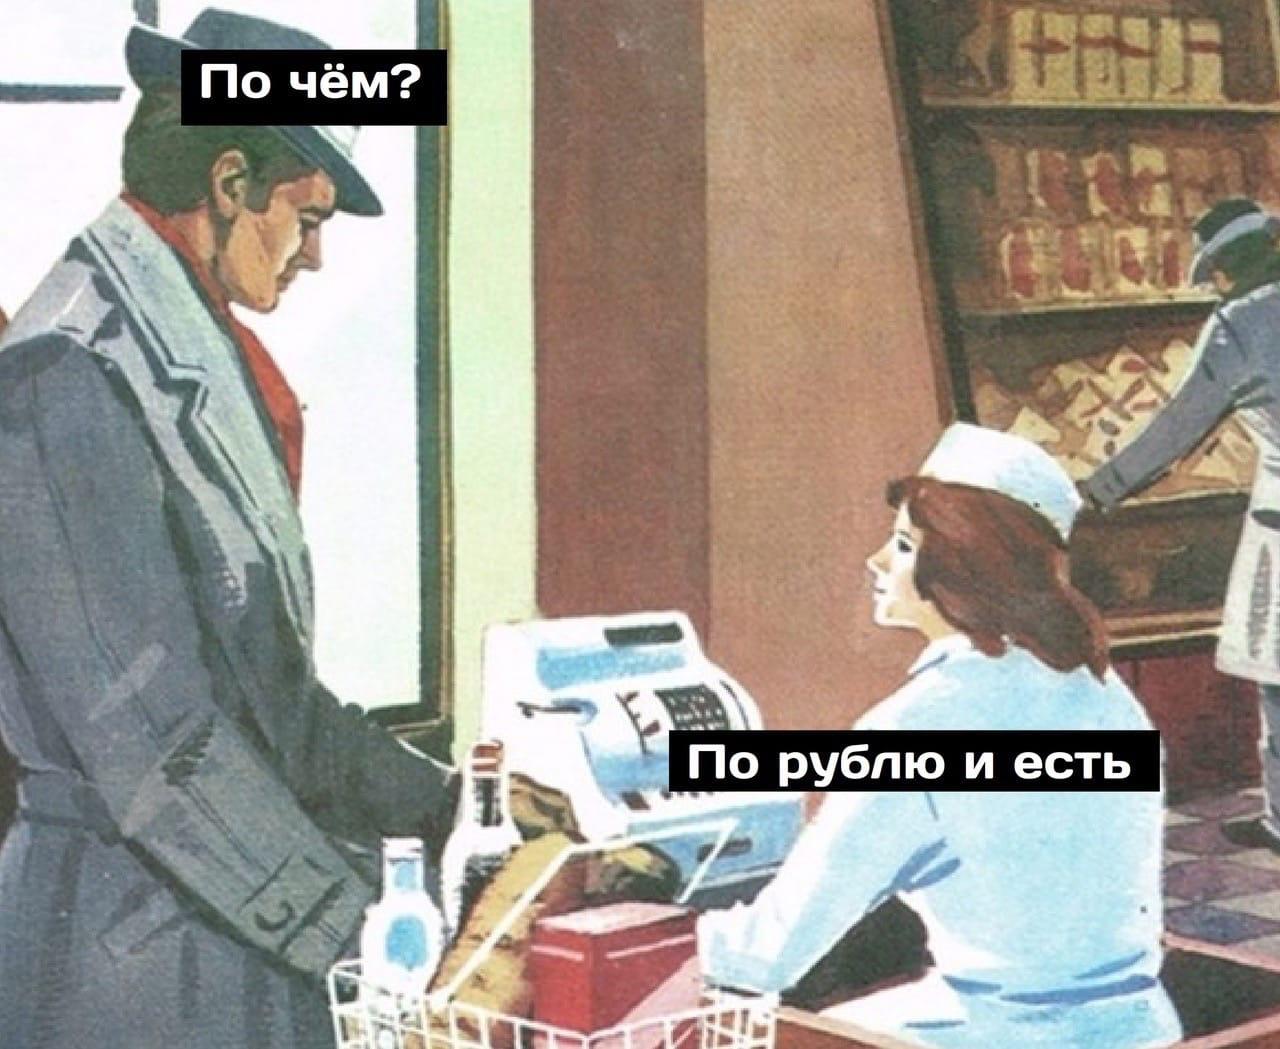 Конфеты по рублю